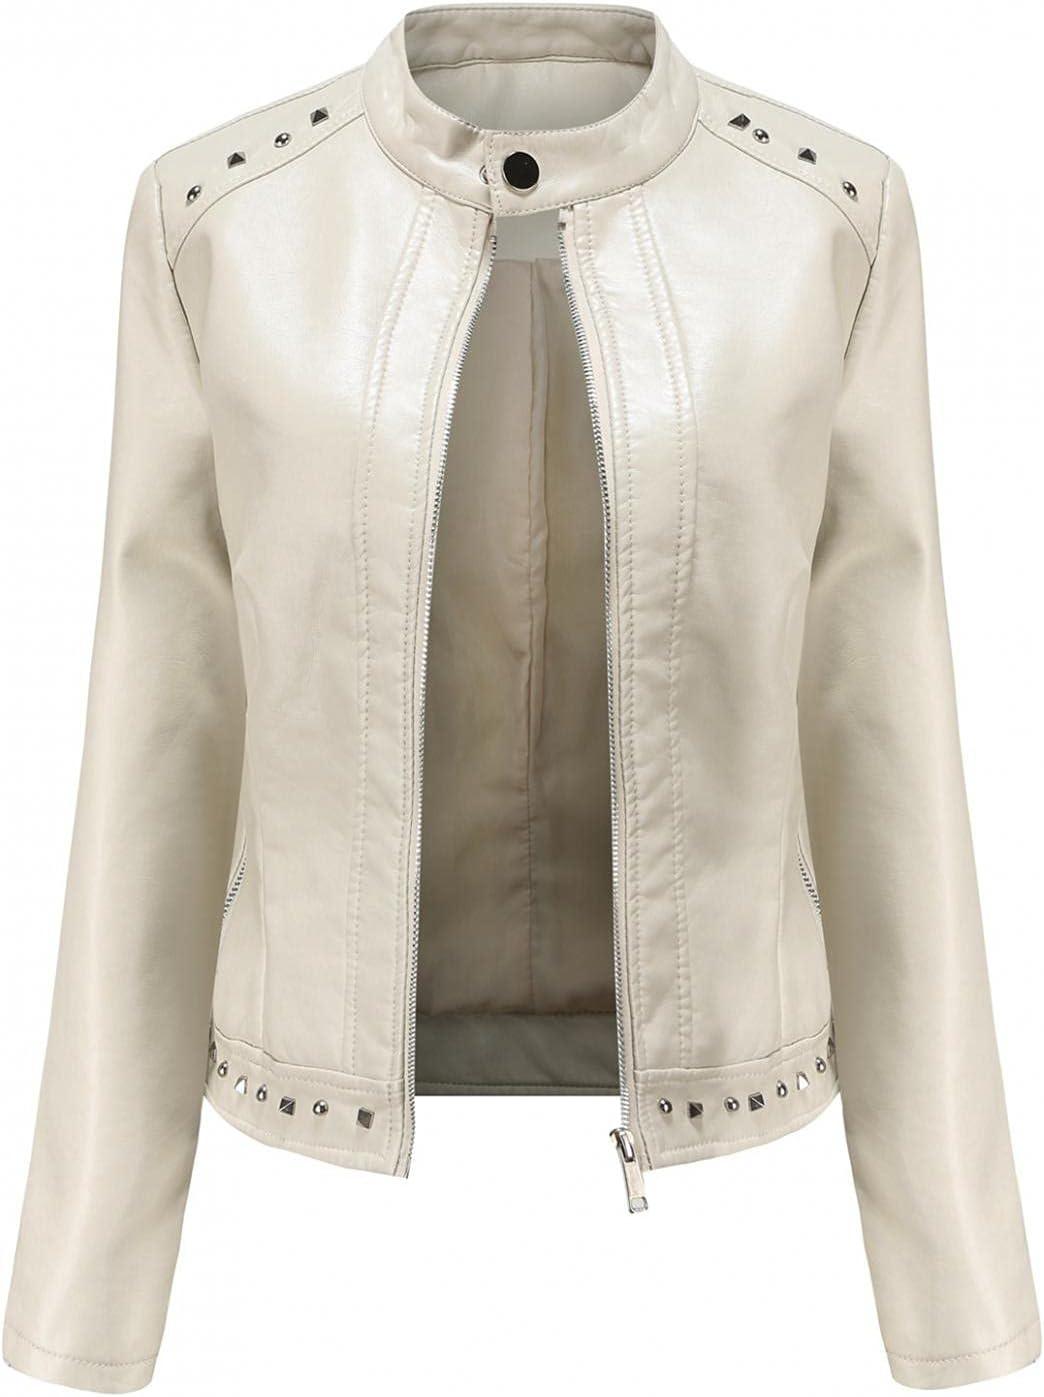 Women's Zipper Faux Leather Jacket Punk Style Stand Collar Long Sleeve Biker Motorcycle Short Outwear Coat